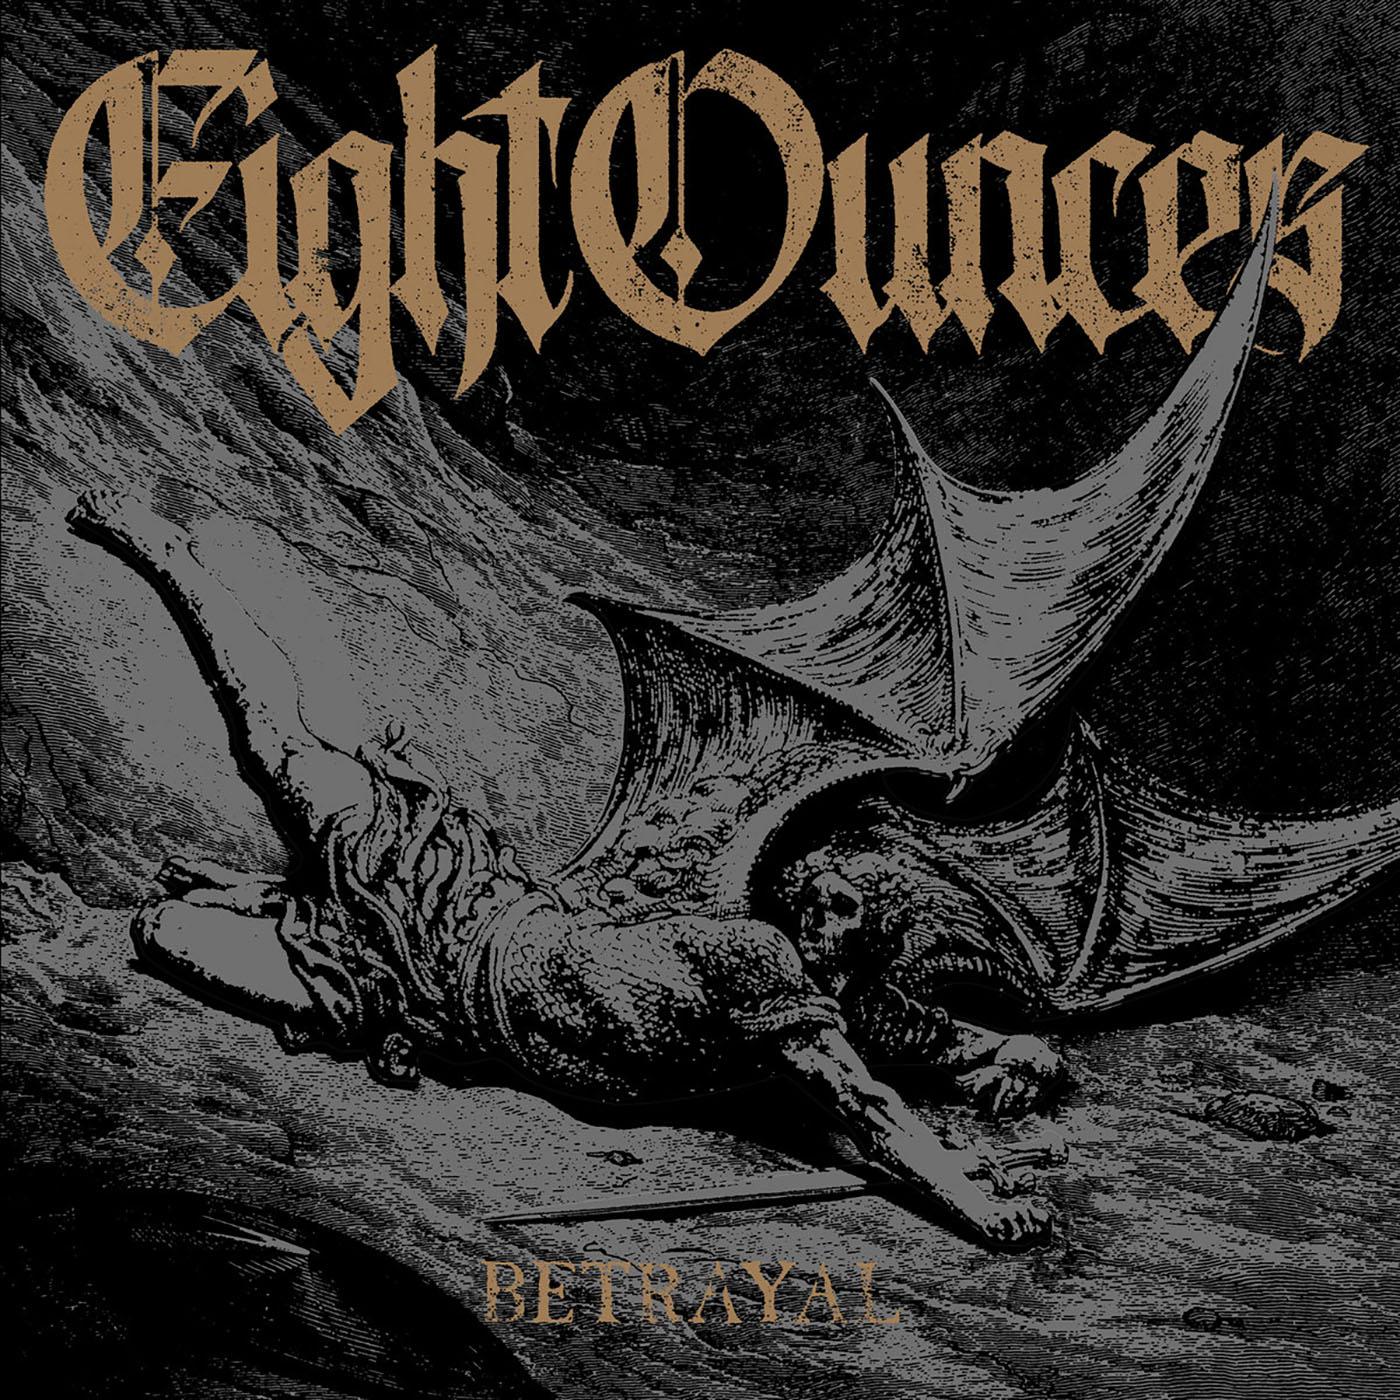 EightOunces_Cover